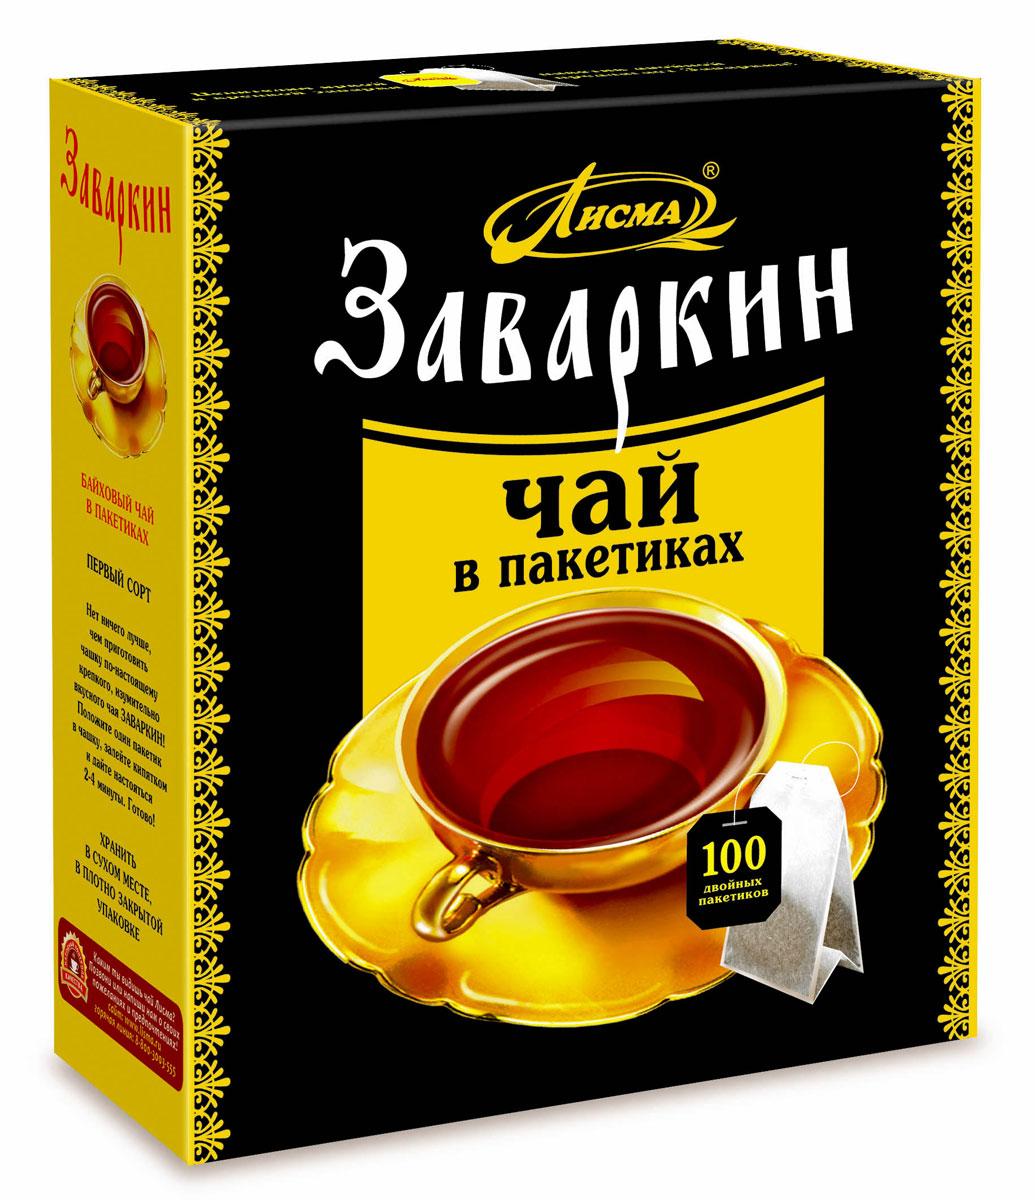 Лисма Заваркин черный чай в пакетиках, 100 шт203003Лисма Заваркин - индийский черный байховый чай в пакетиках. Коробка содержит 100 пакетиков по 1,5 грамма.